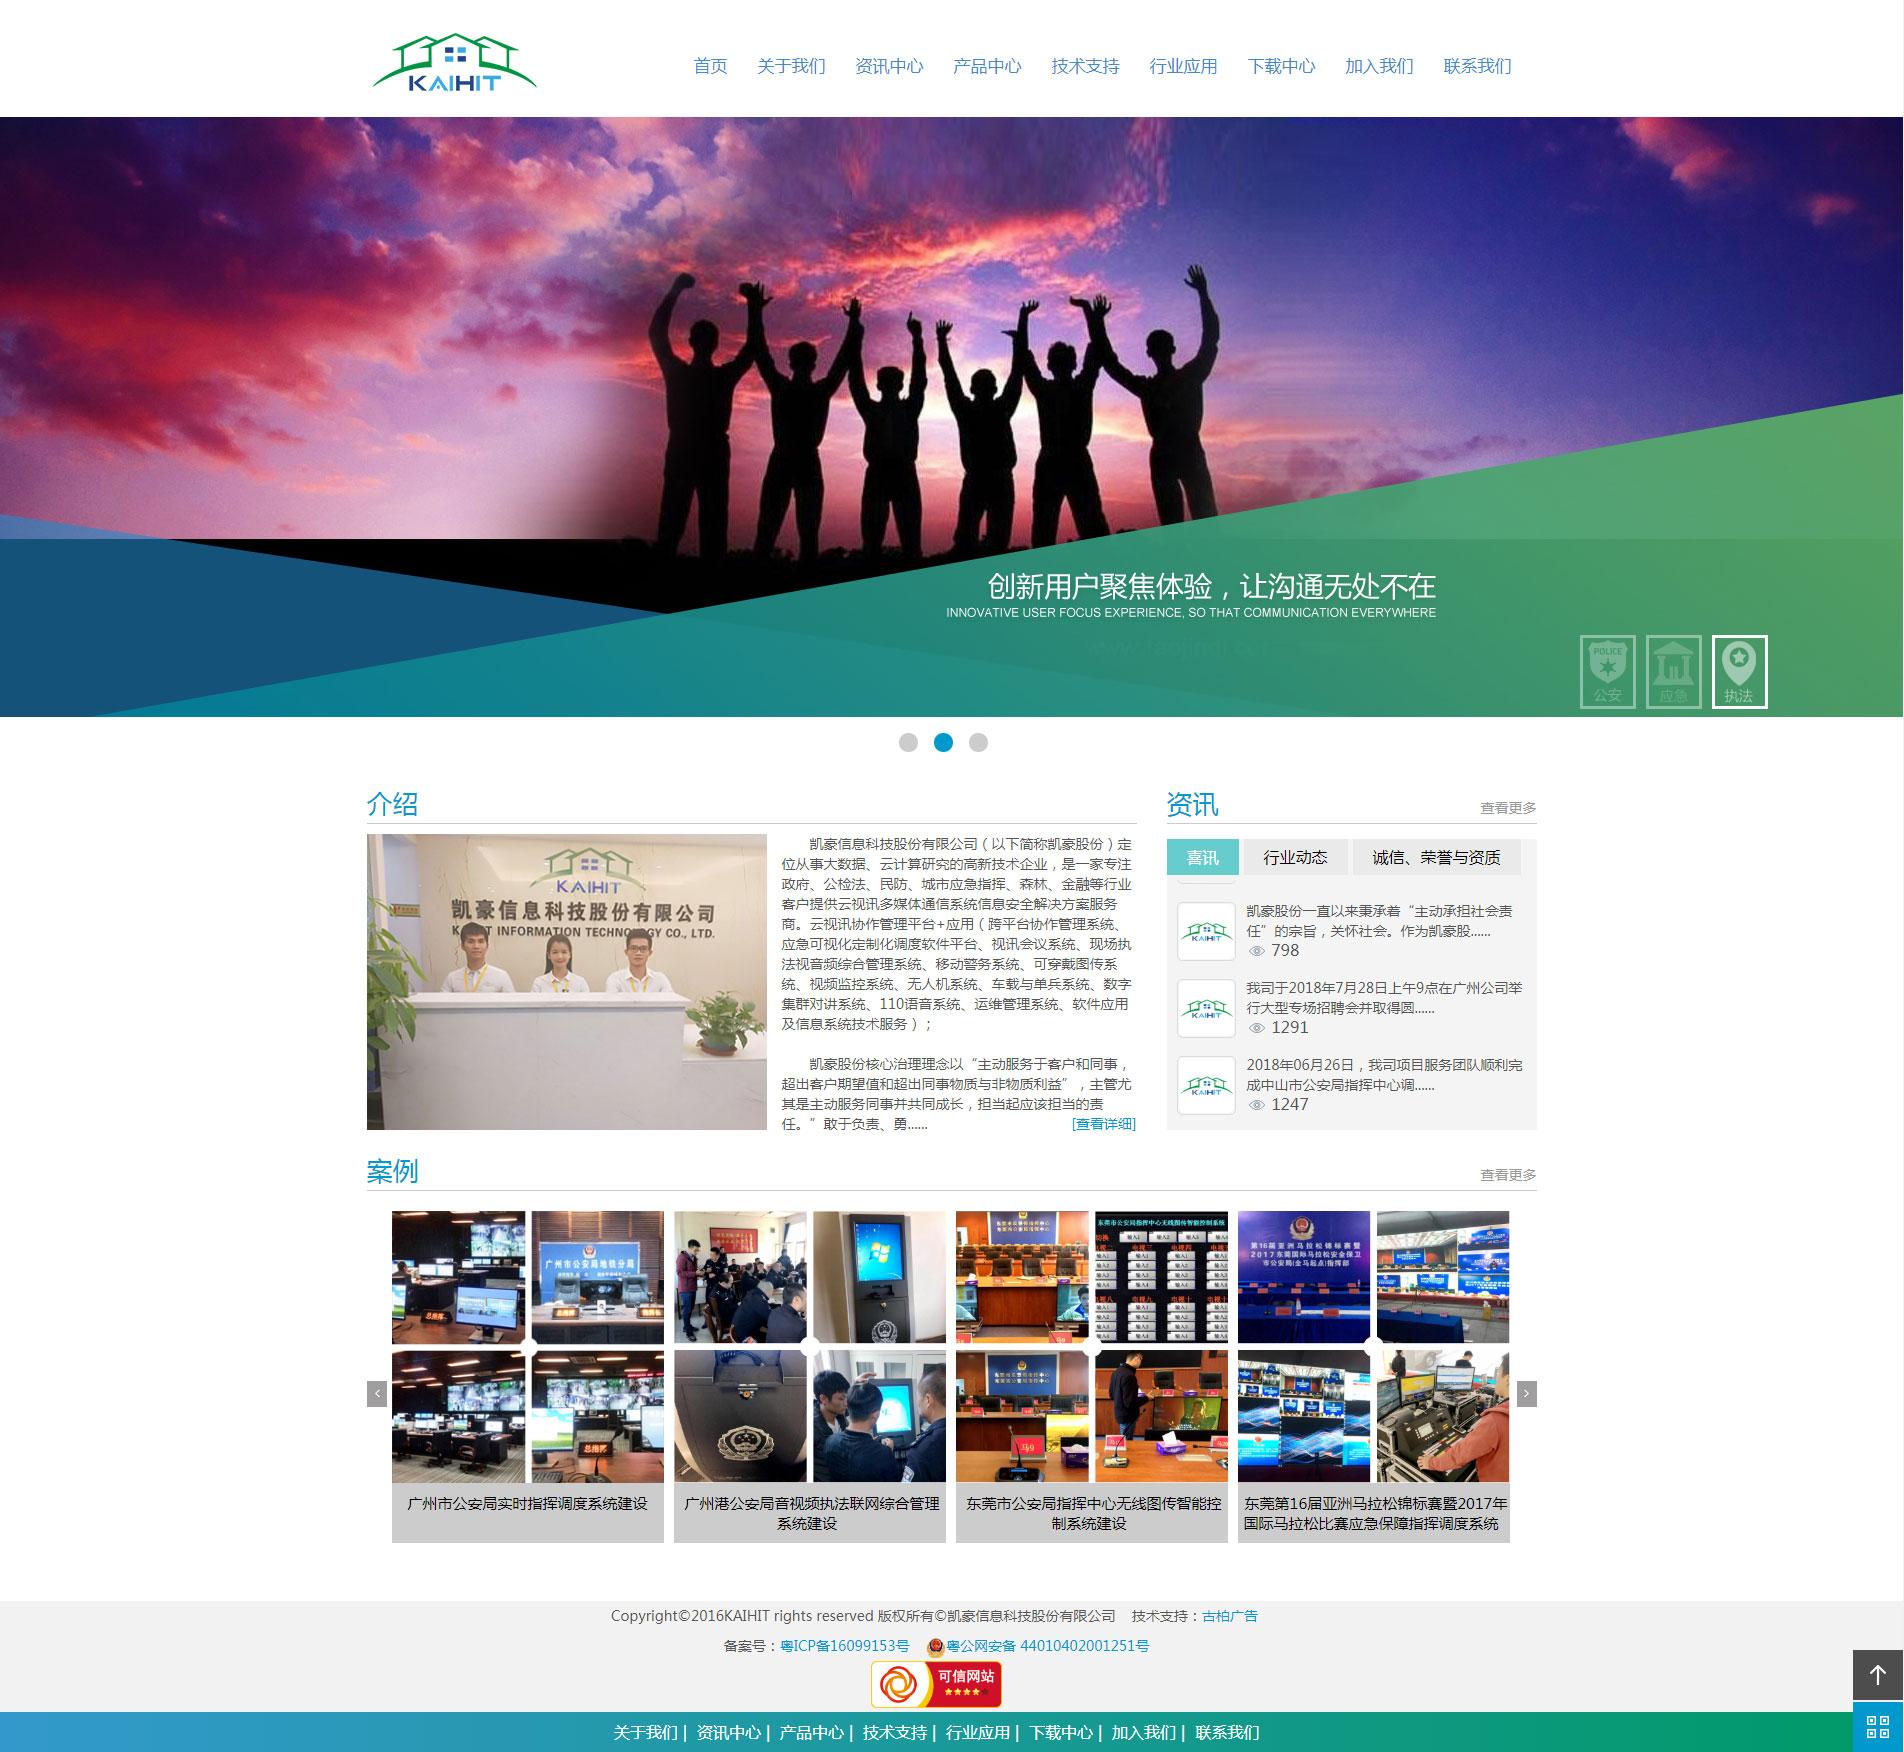 凯豪信息科技股份有限公司.jpg